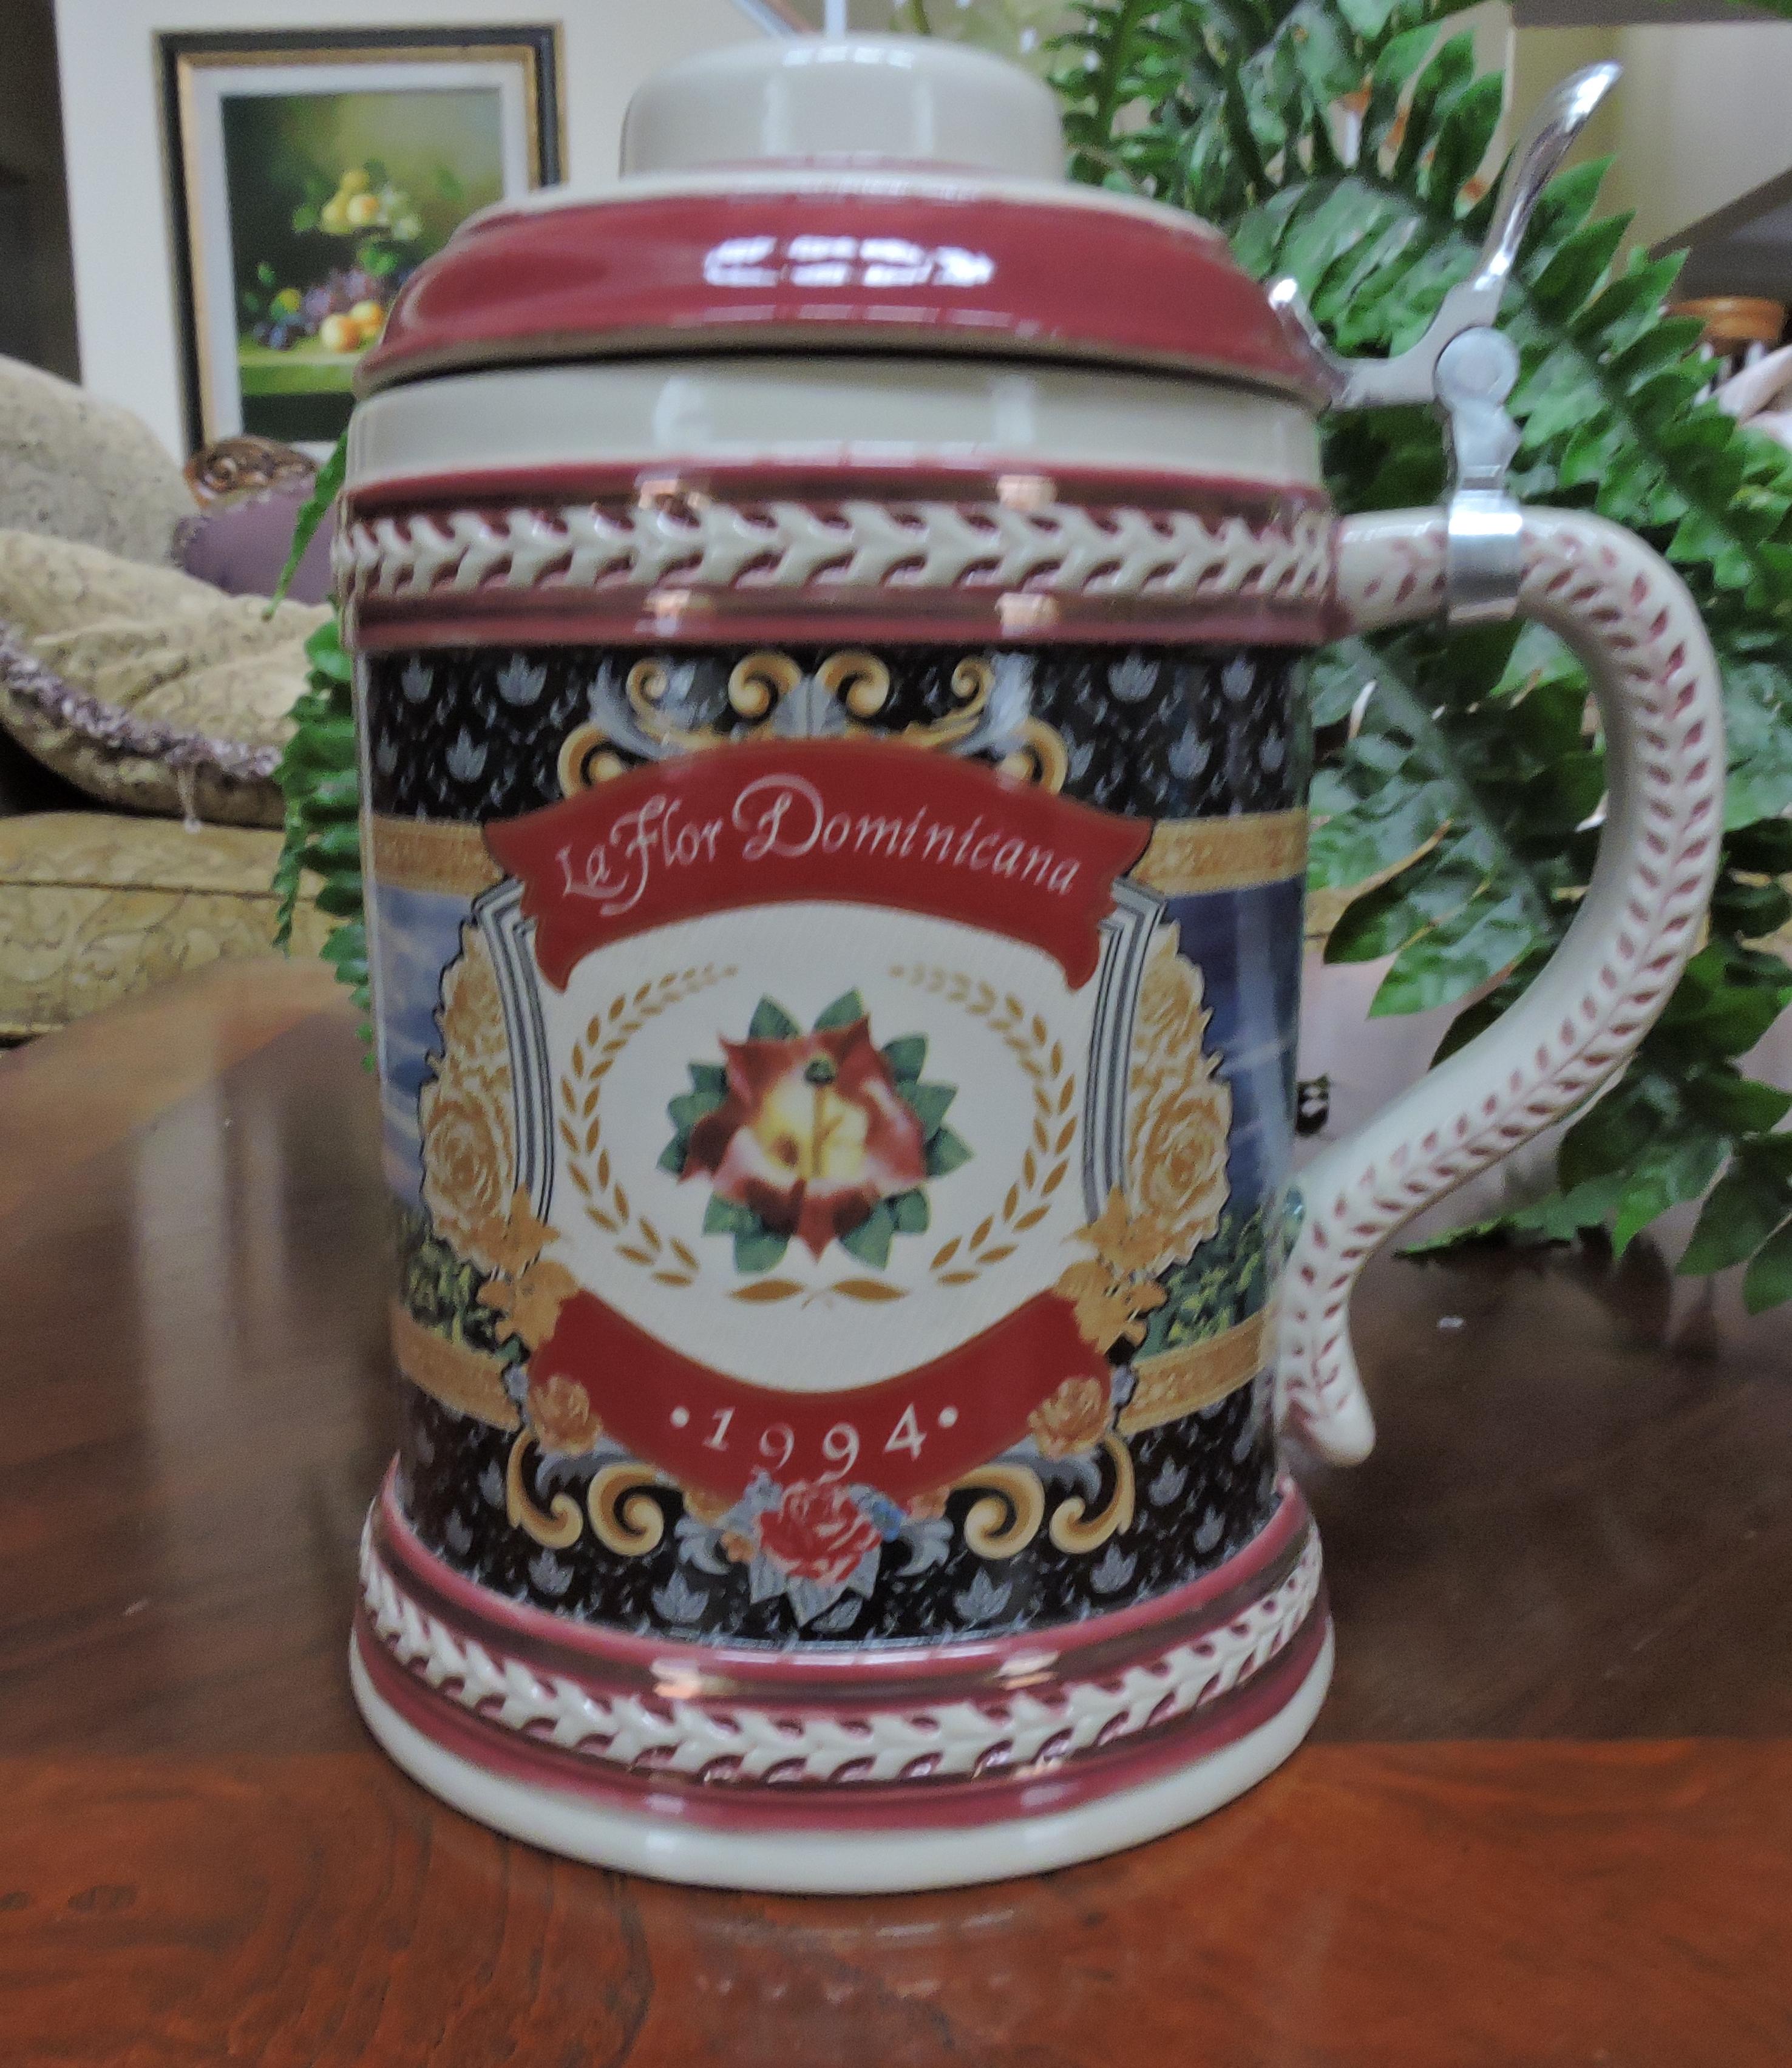 la_flor_dominicana_1994_beer_stein